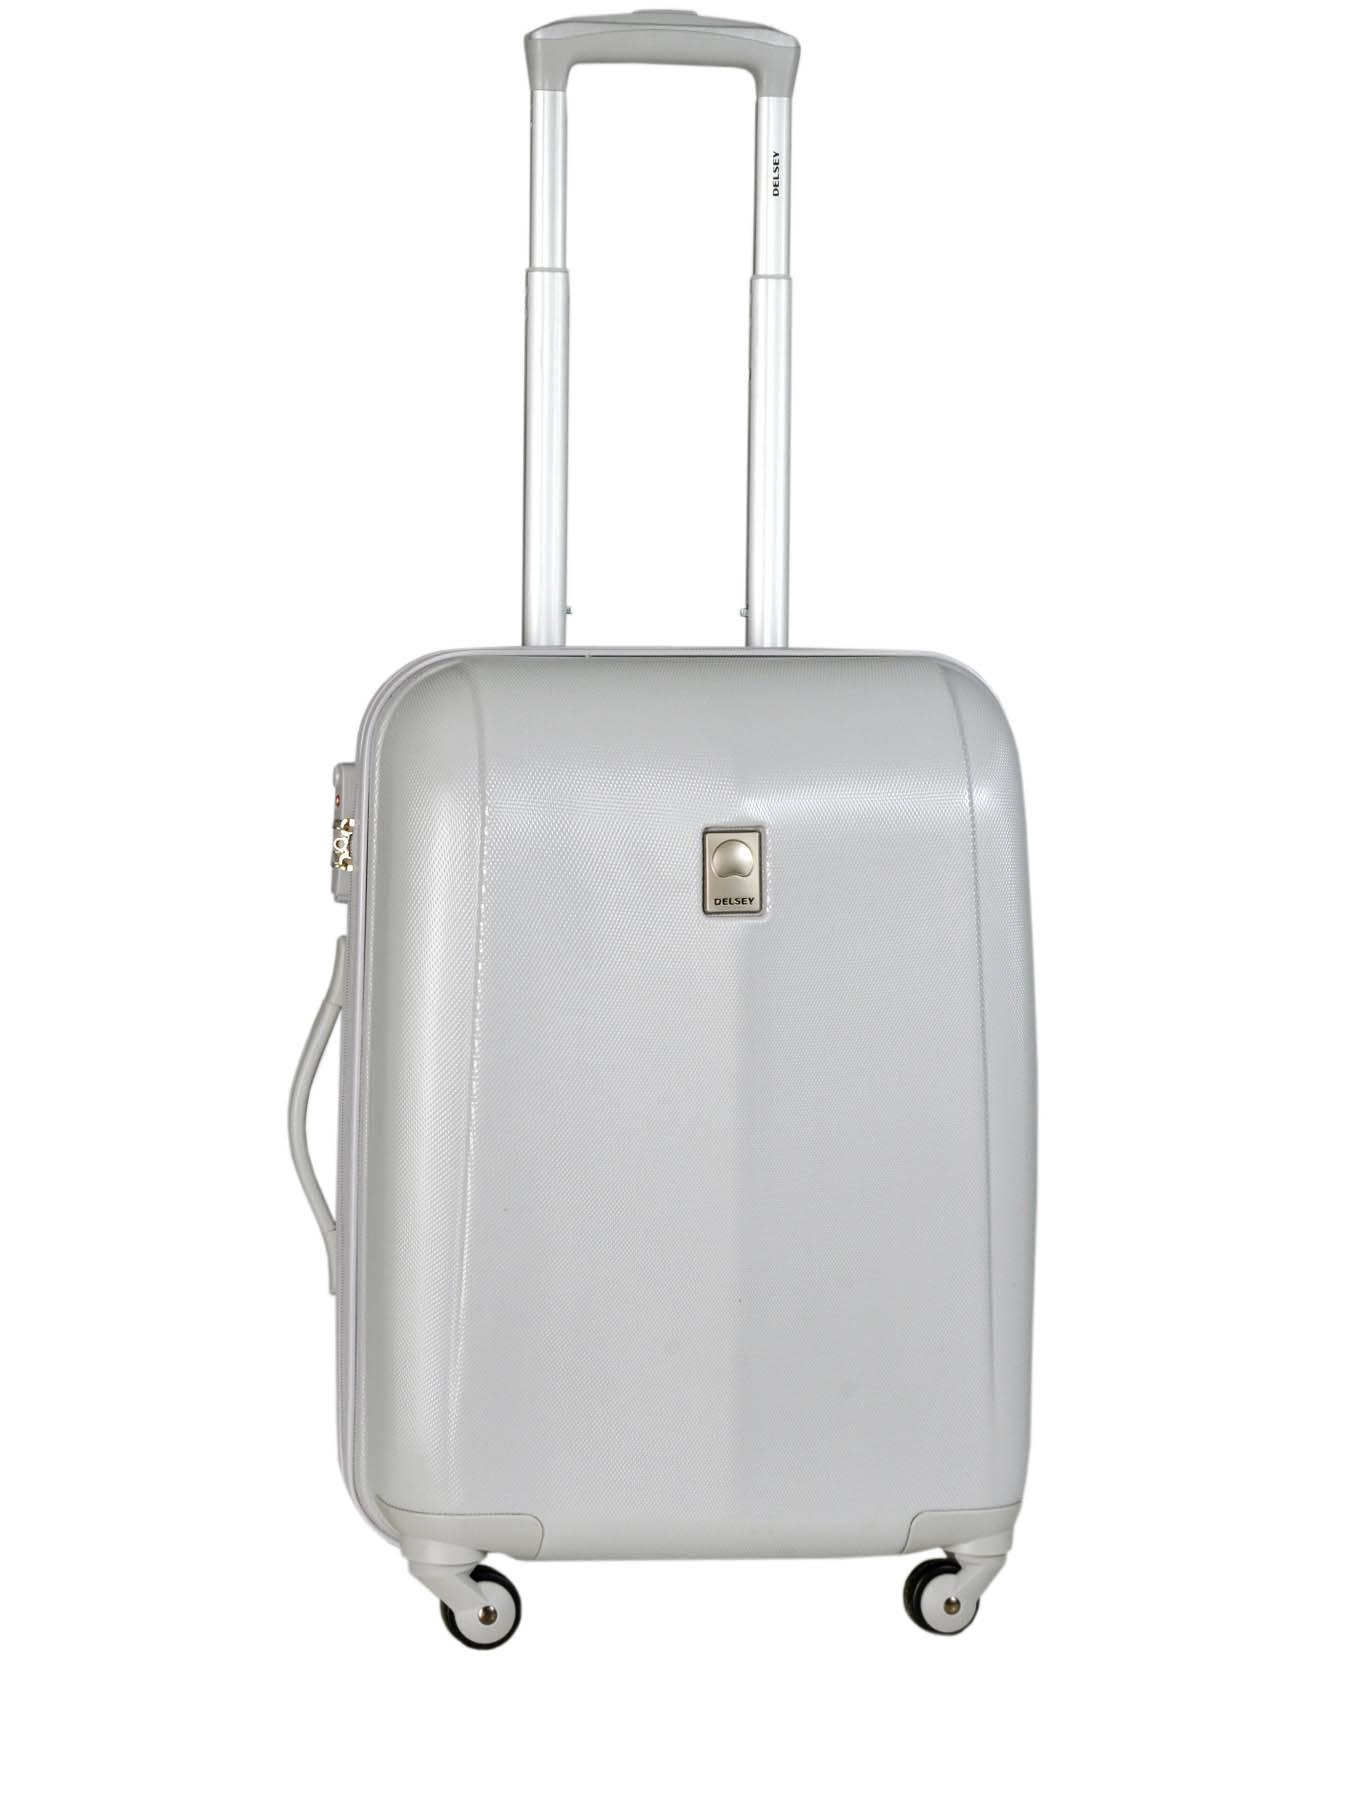 valise cabine delsey extendo 3 extendo 3 en vente au meilleur prix. Black Bedroom Furniture Sets. Home Design Ideas